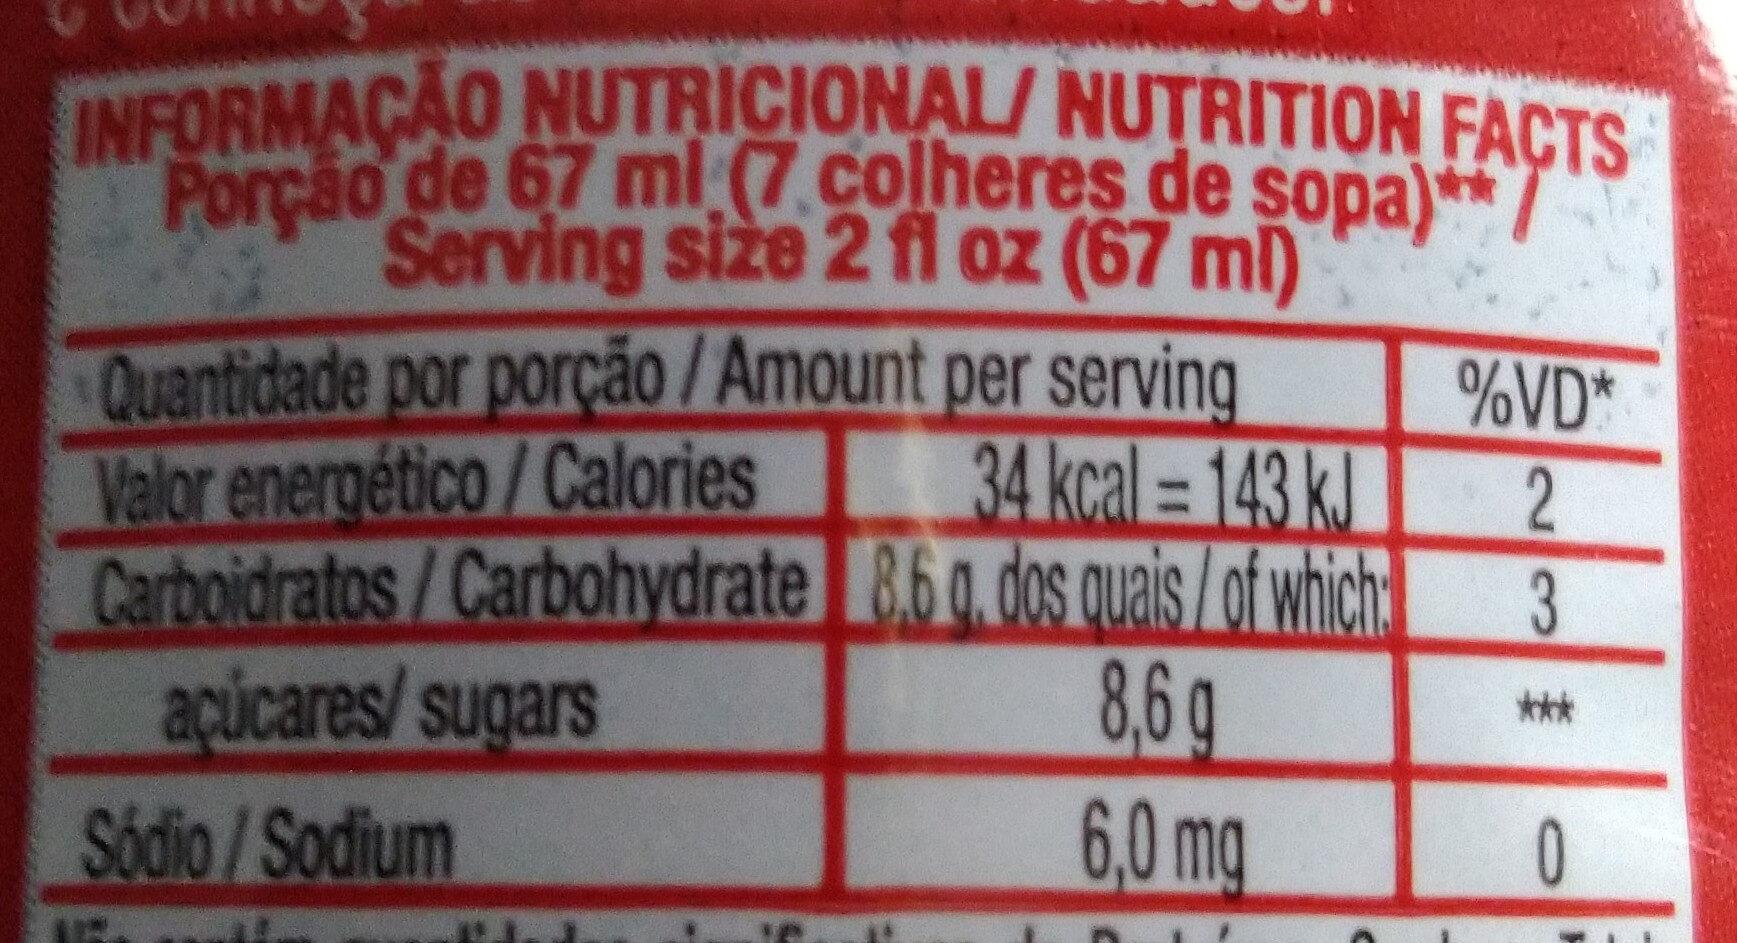 Suco de uva concentrado - Informação nutricional - pt